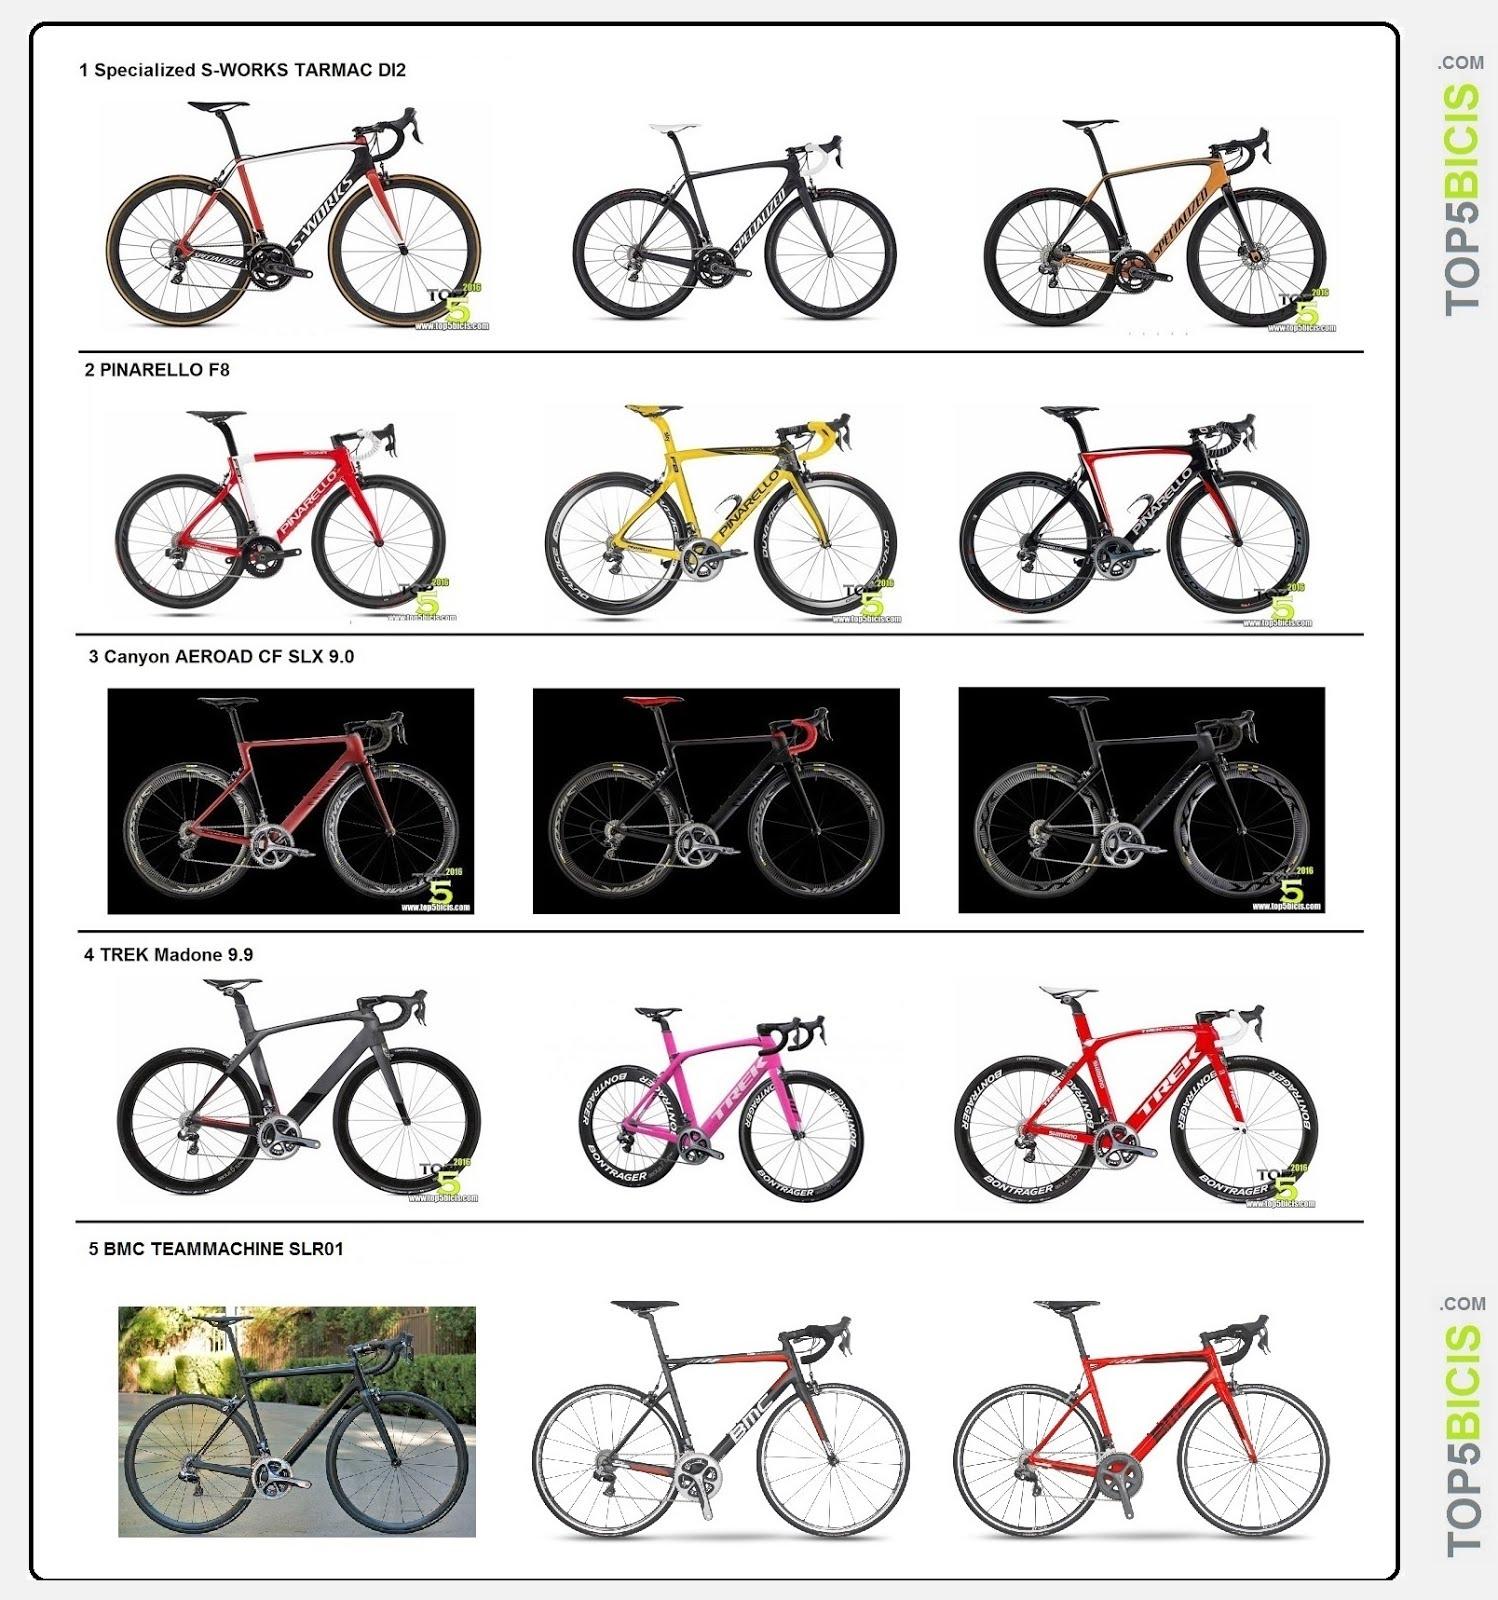 Posiciones estáticas entre las 5 bicis más valoradas por los seguidores de Top5bicis